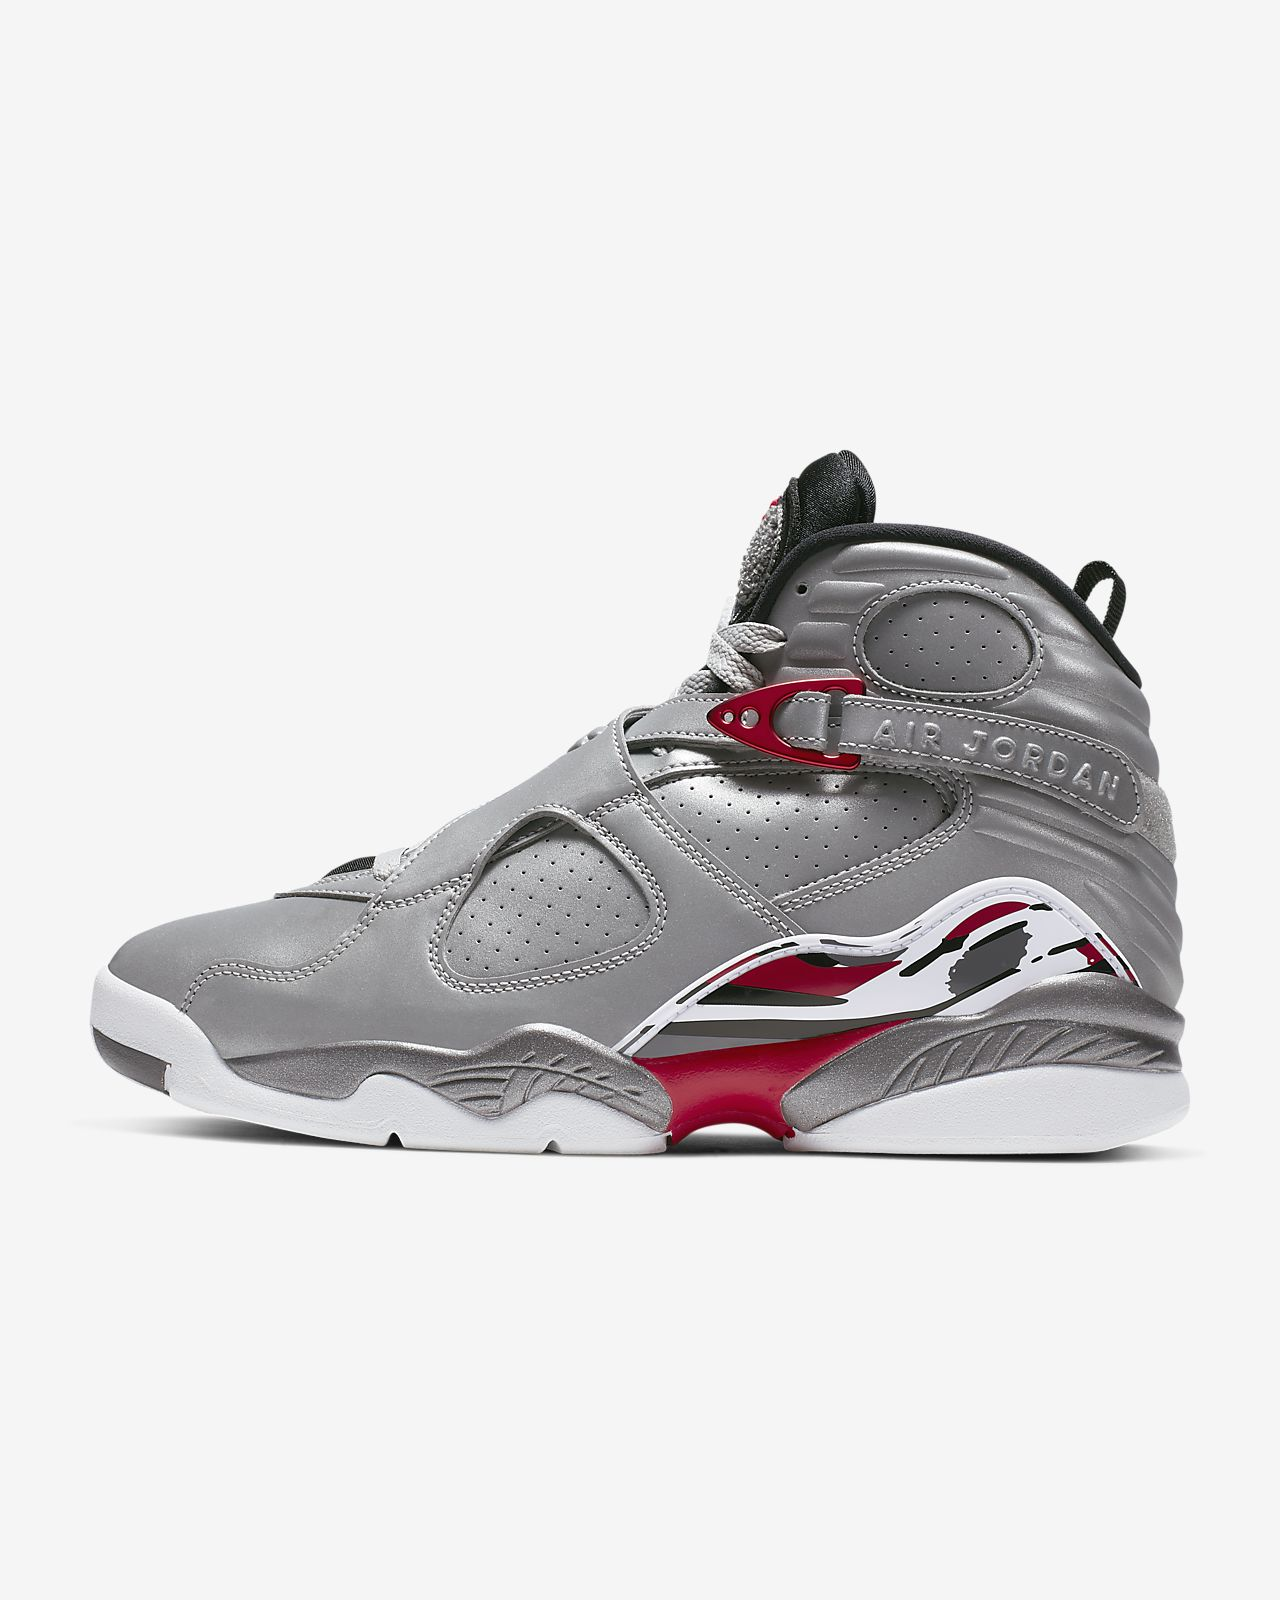 Air Jordan 8 Retro 男鞋